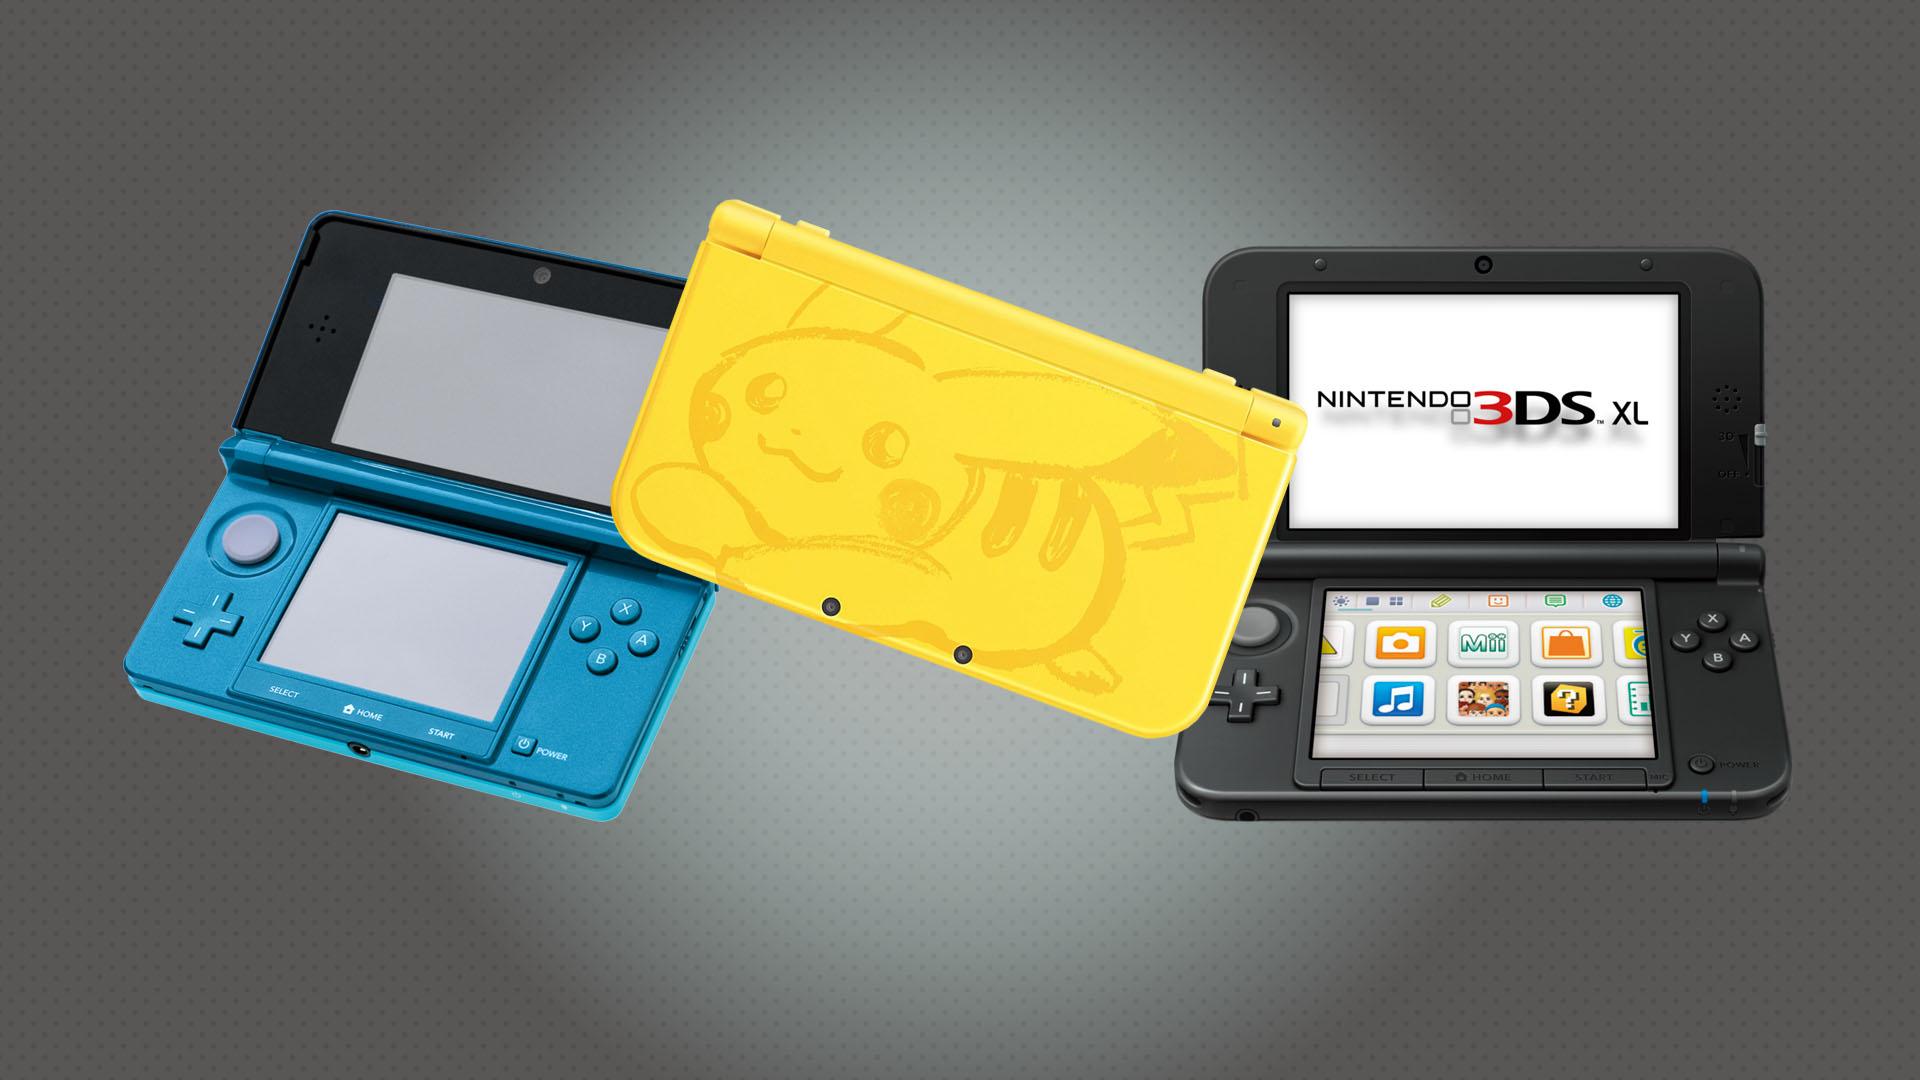 Nintendo 3DS compie 8 anni: ripercorriamo la vita dell'ultima console a due schermi